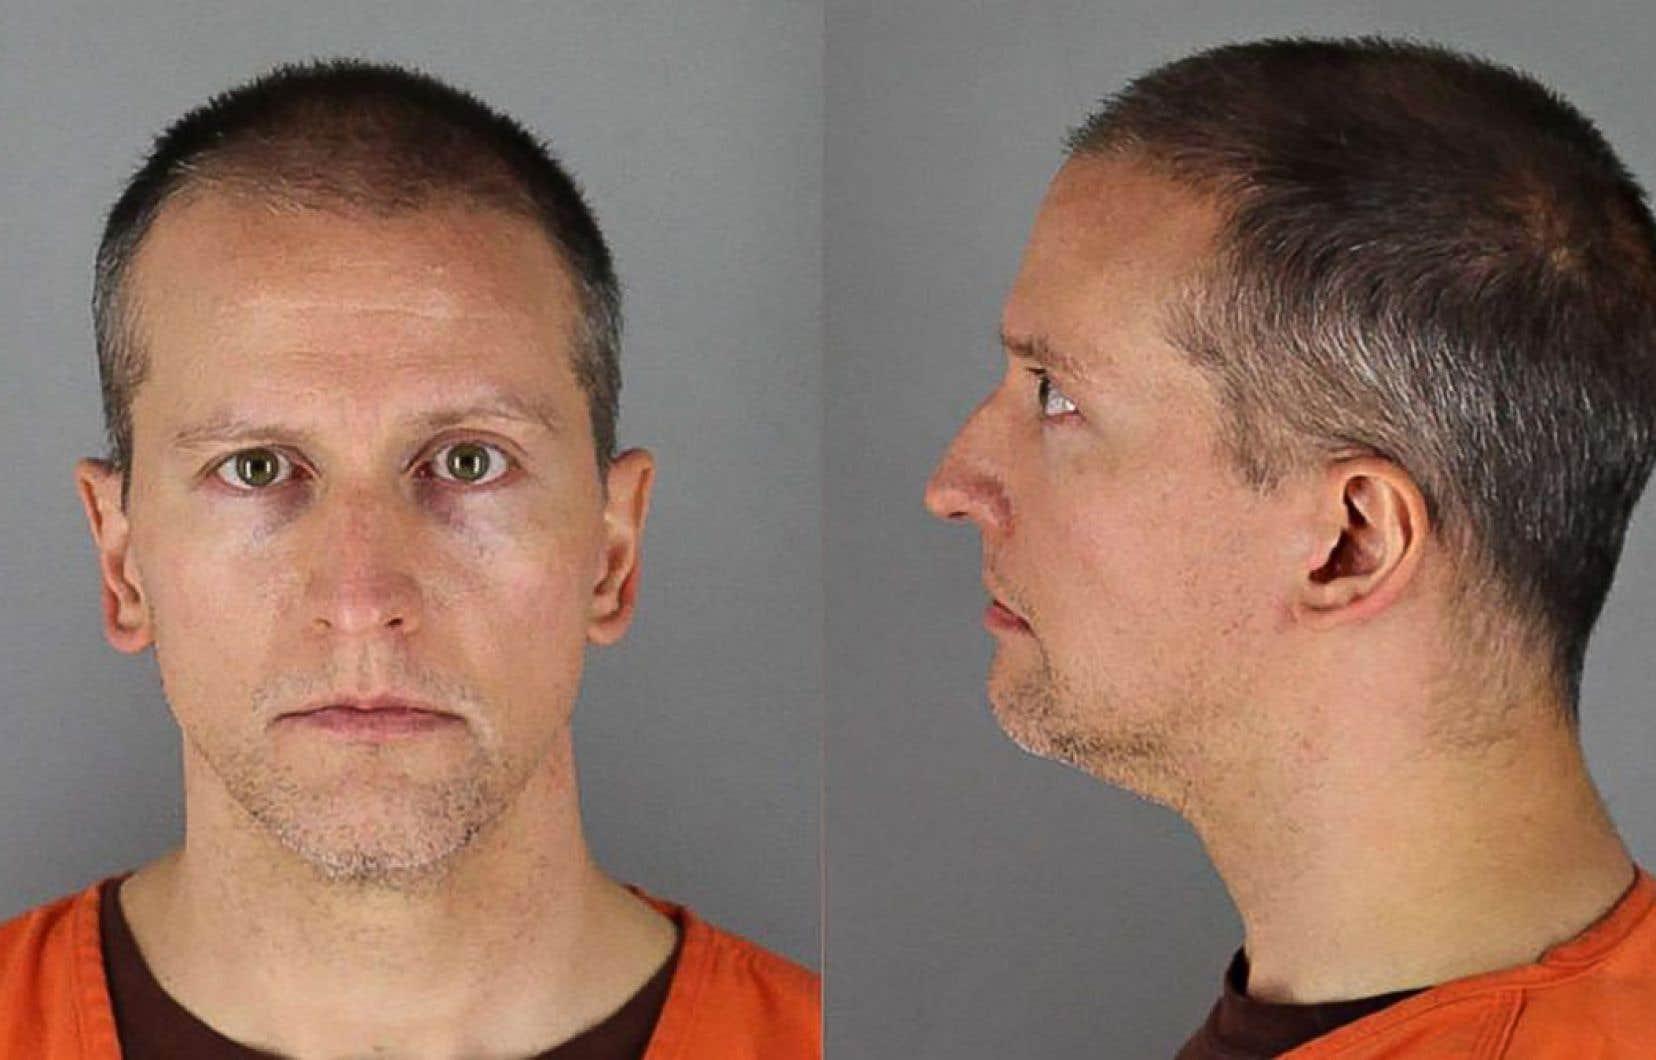 L'ex-policier Derek Chauvin est passible d'une peine de prison de 40 ans s'il est reconnu coupable du meurtre non prémédité de George Floyd.